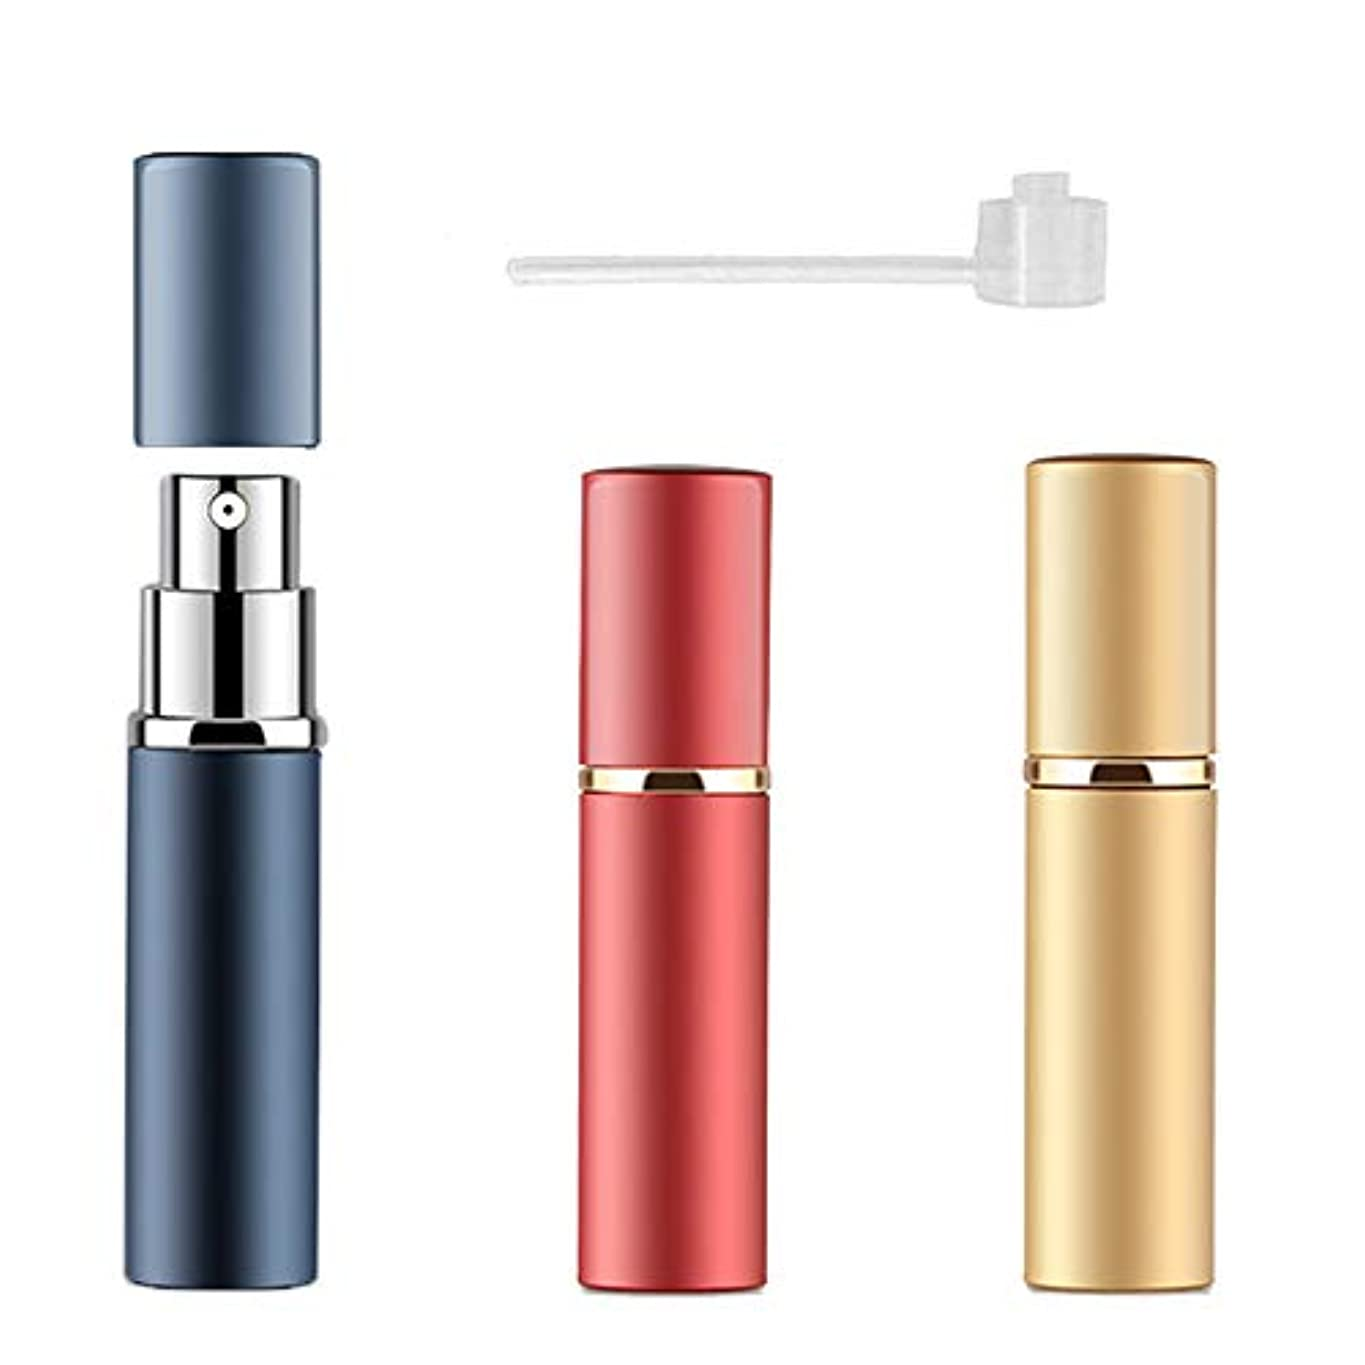 はさみ望む誇張アトマイザー 香水 詰め替え容器 スプレーボトル 小分けボトル トラベルボトル 旅行携帯便利 (3色セット)